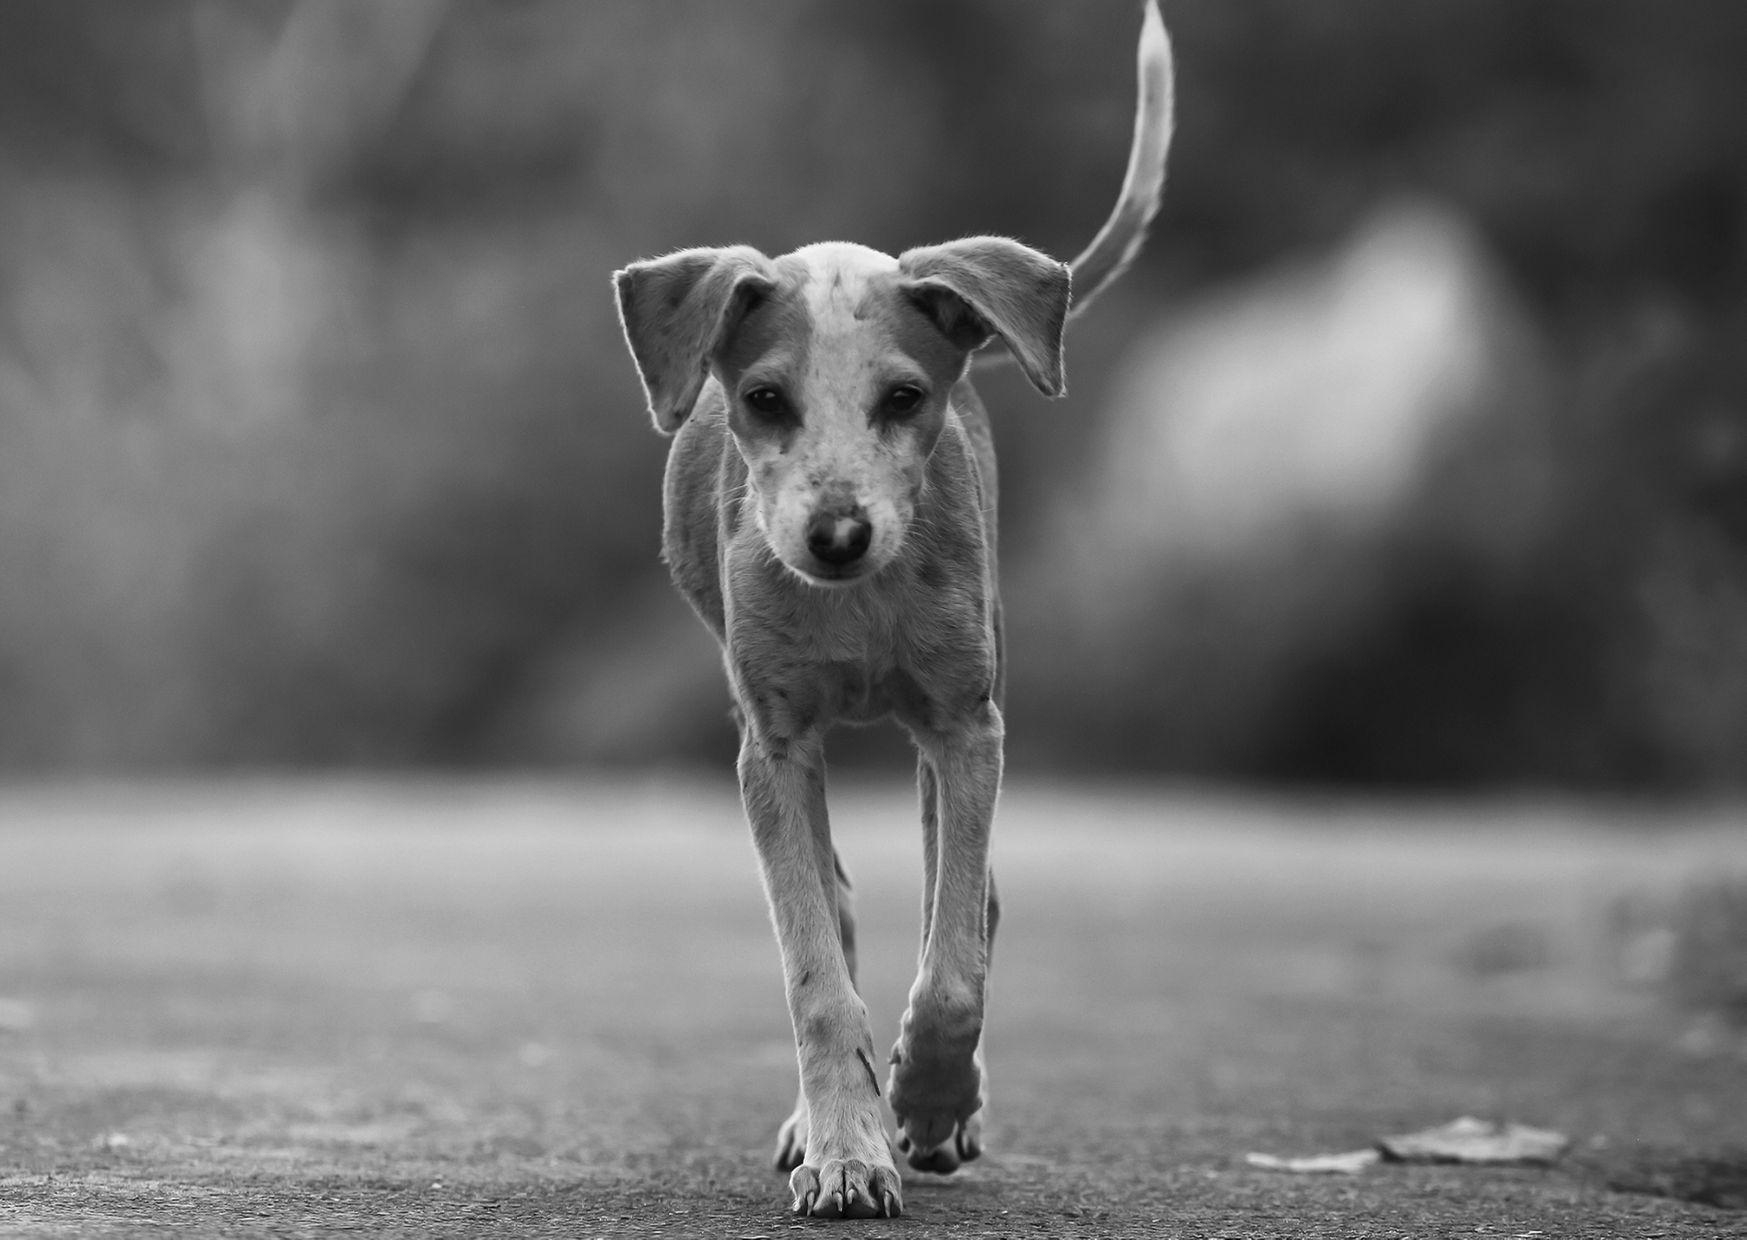 Бей животных: ученые обвинили собак в загрязнении природы